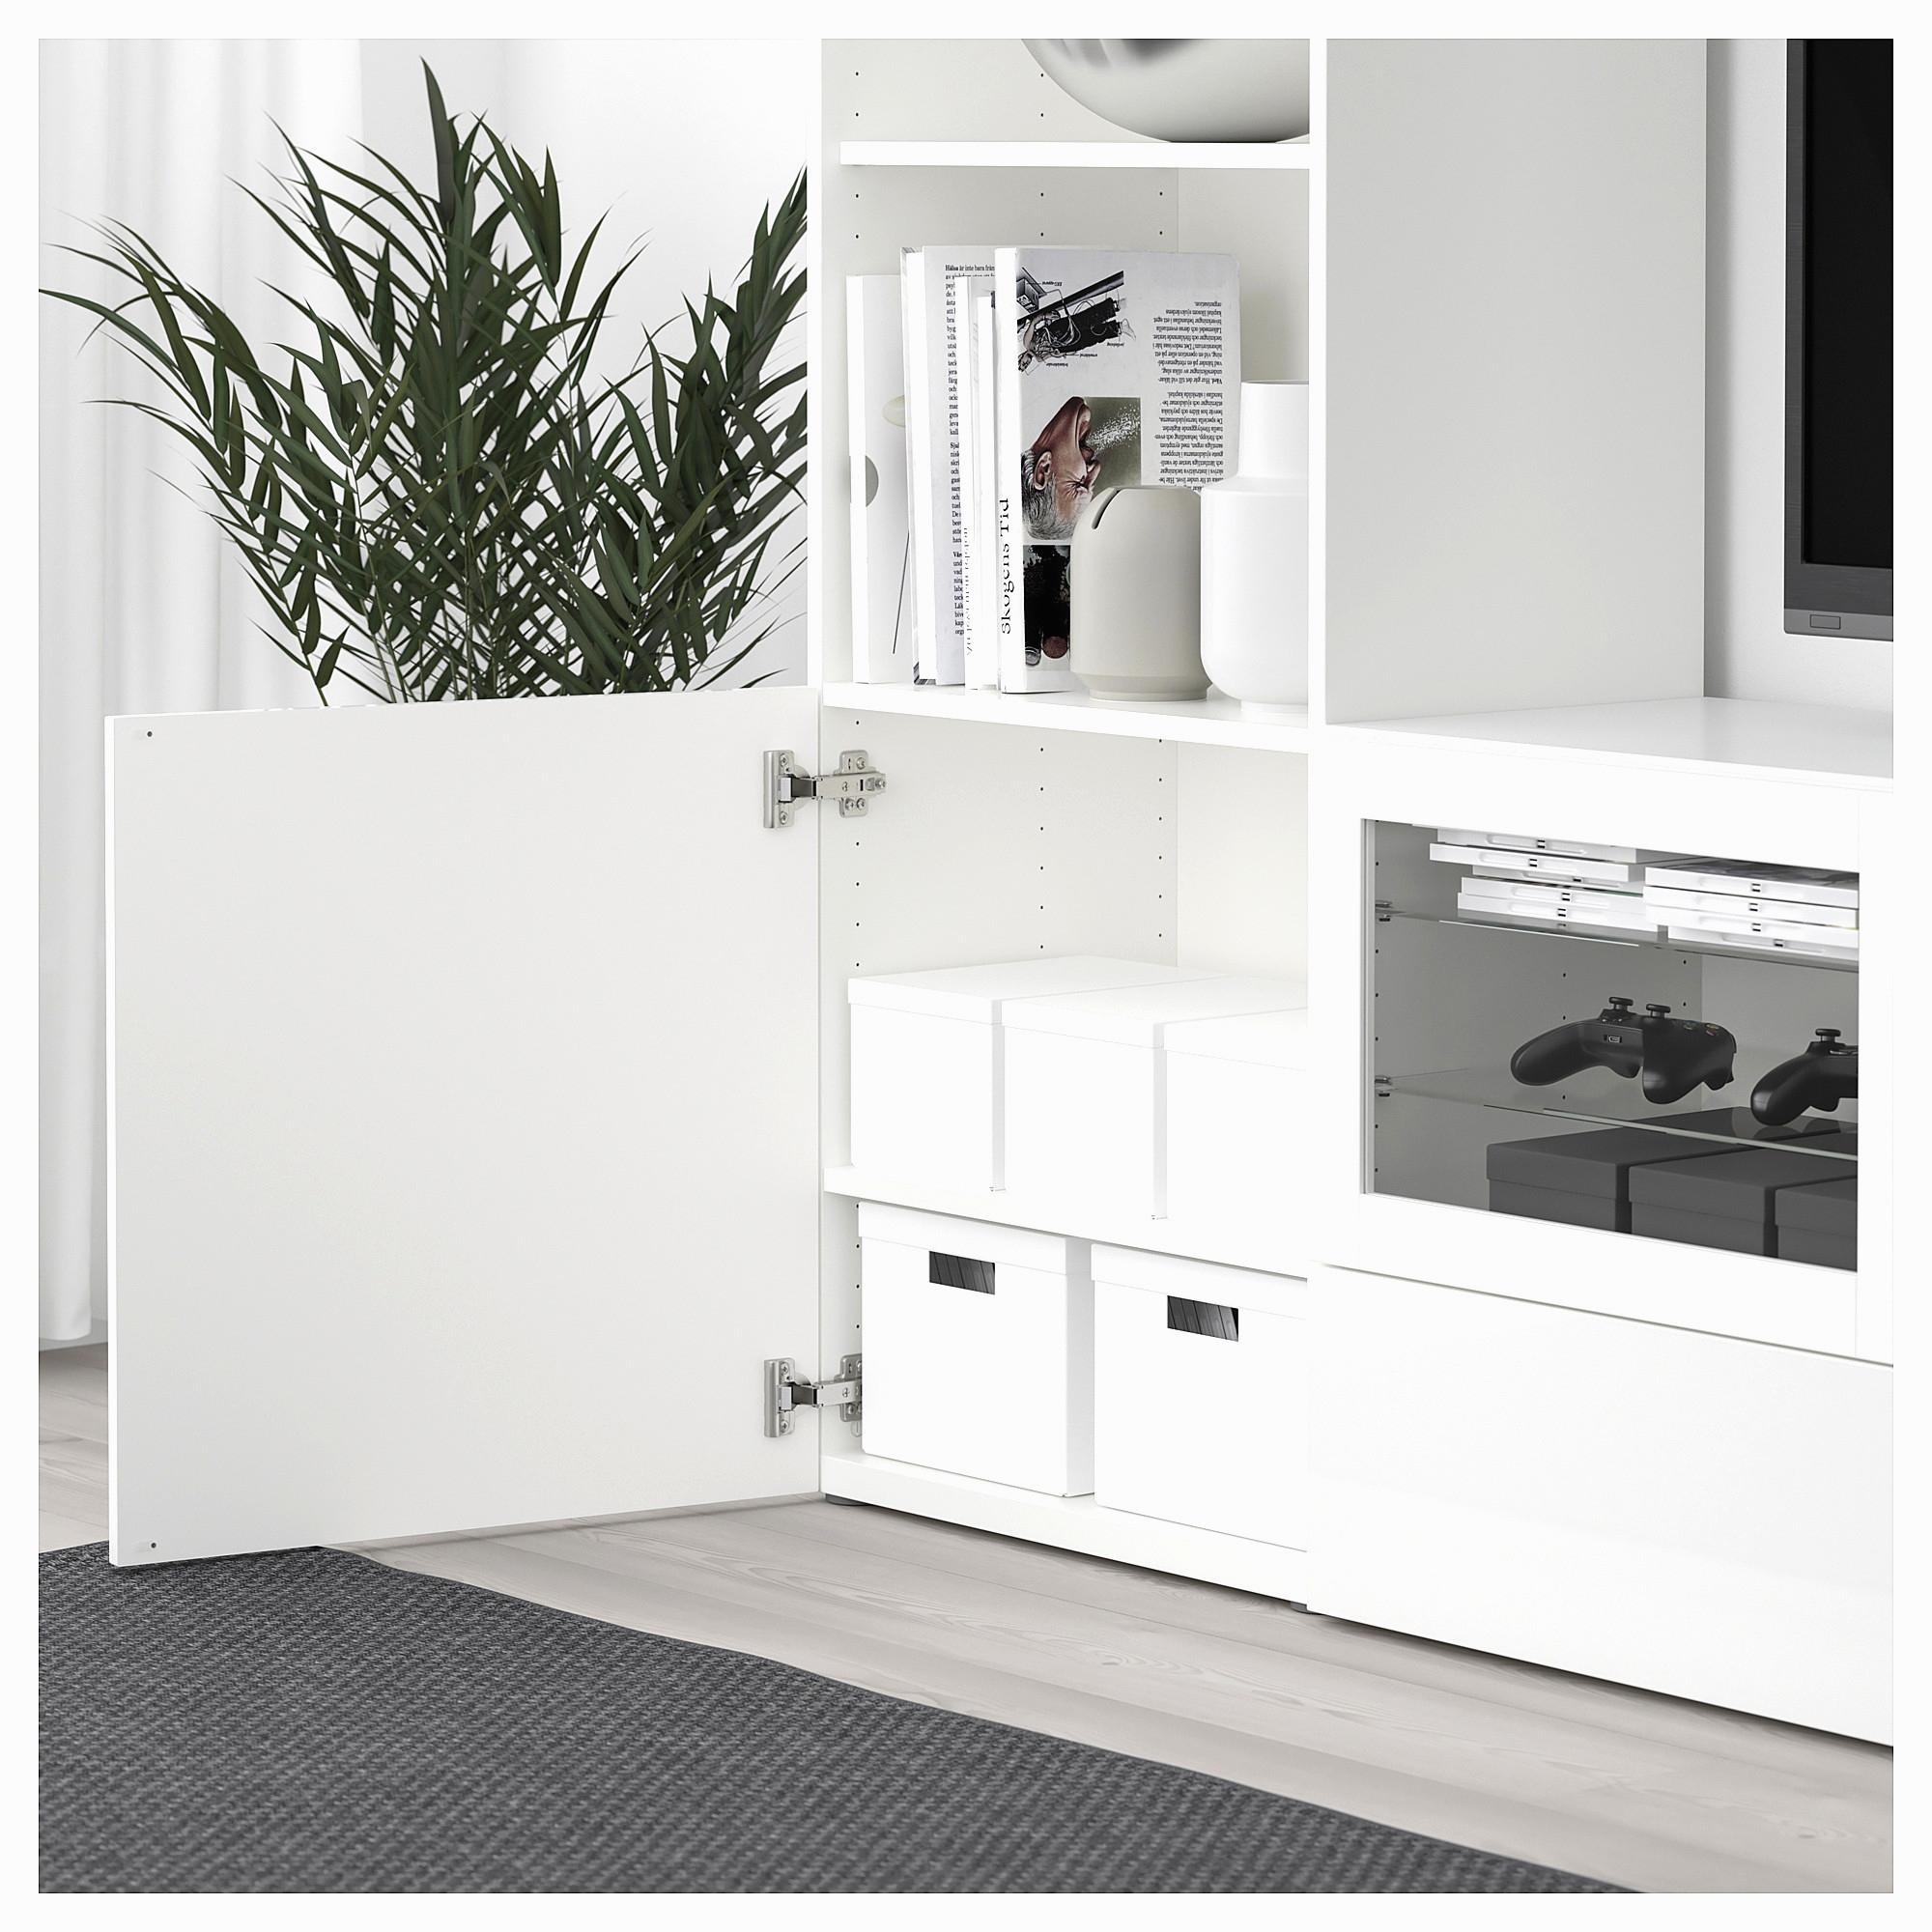 Applique Salle De Bain Ikea Frais Galerie 20 Inspirant Ikea Meuble Vasque Salle De Bain Bain